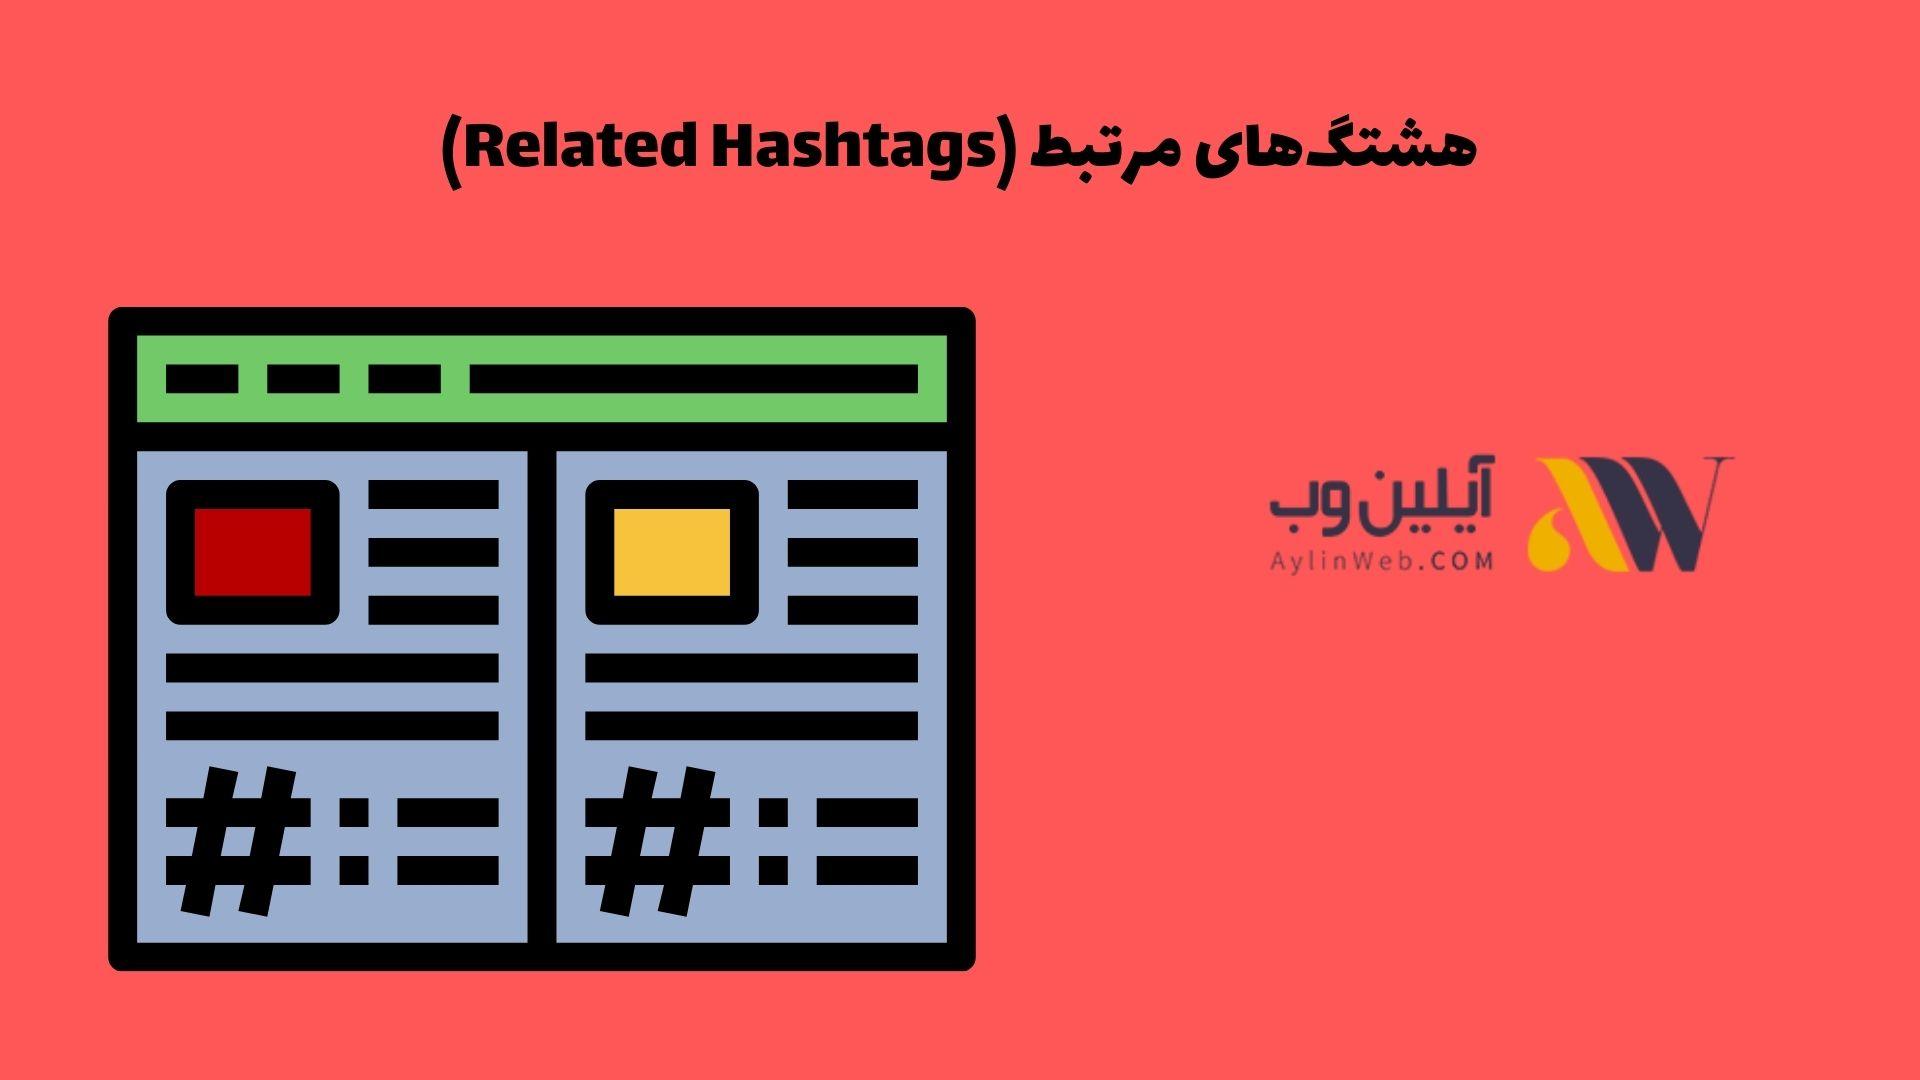 هشتگهای مرتبط (Related Hashtags)